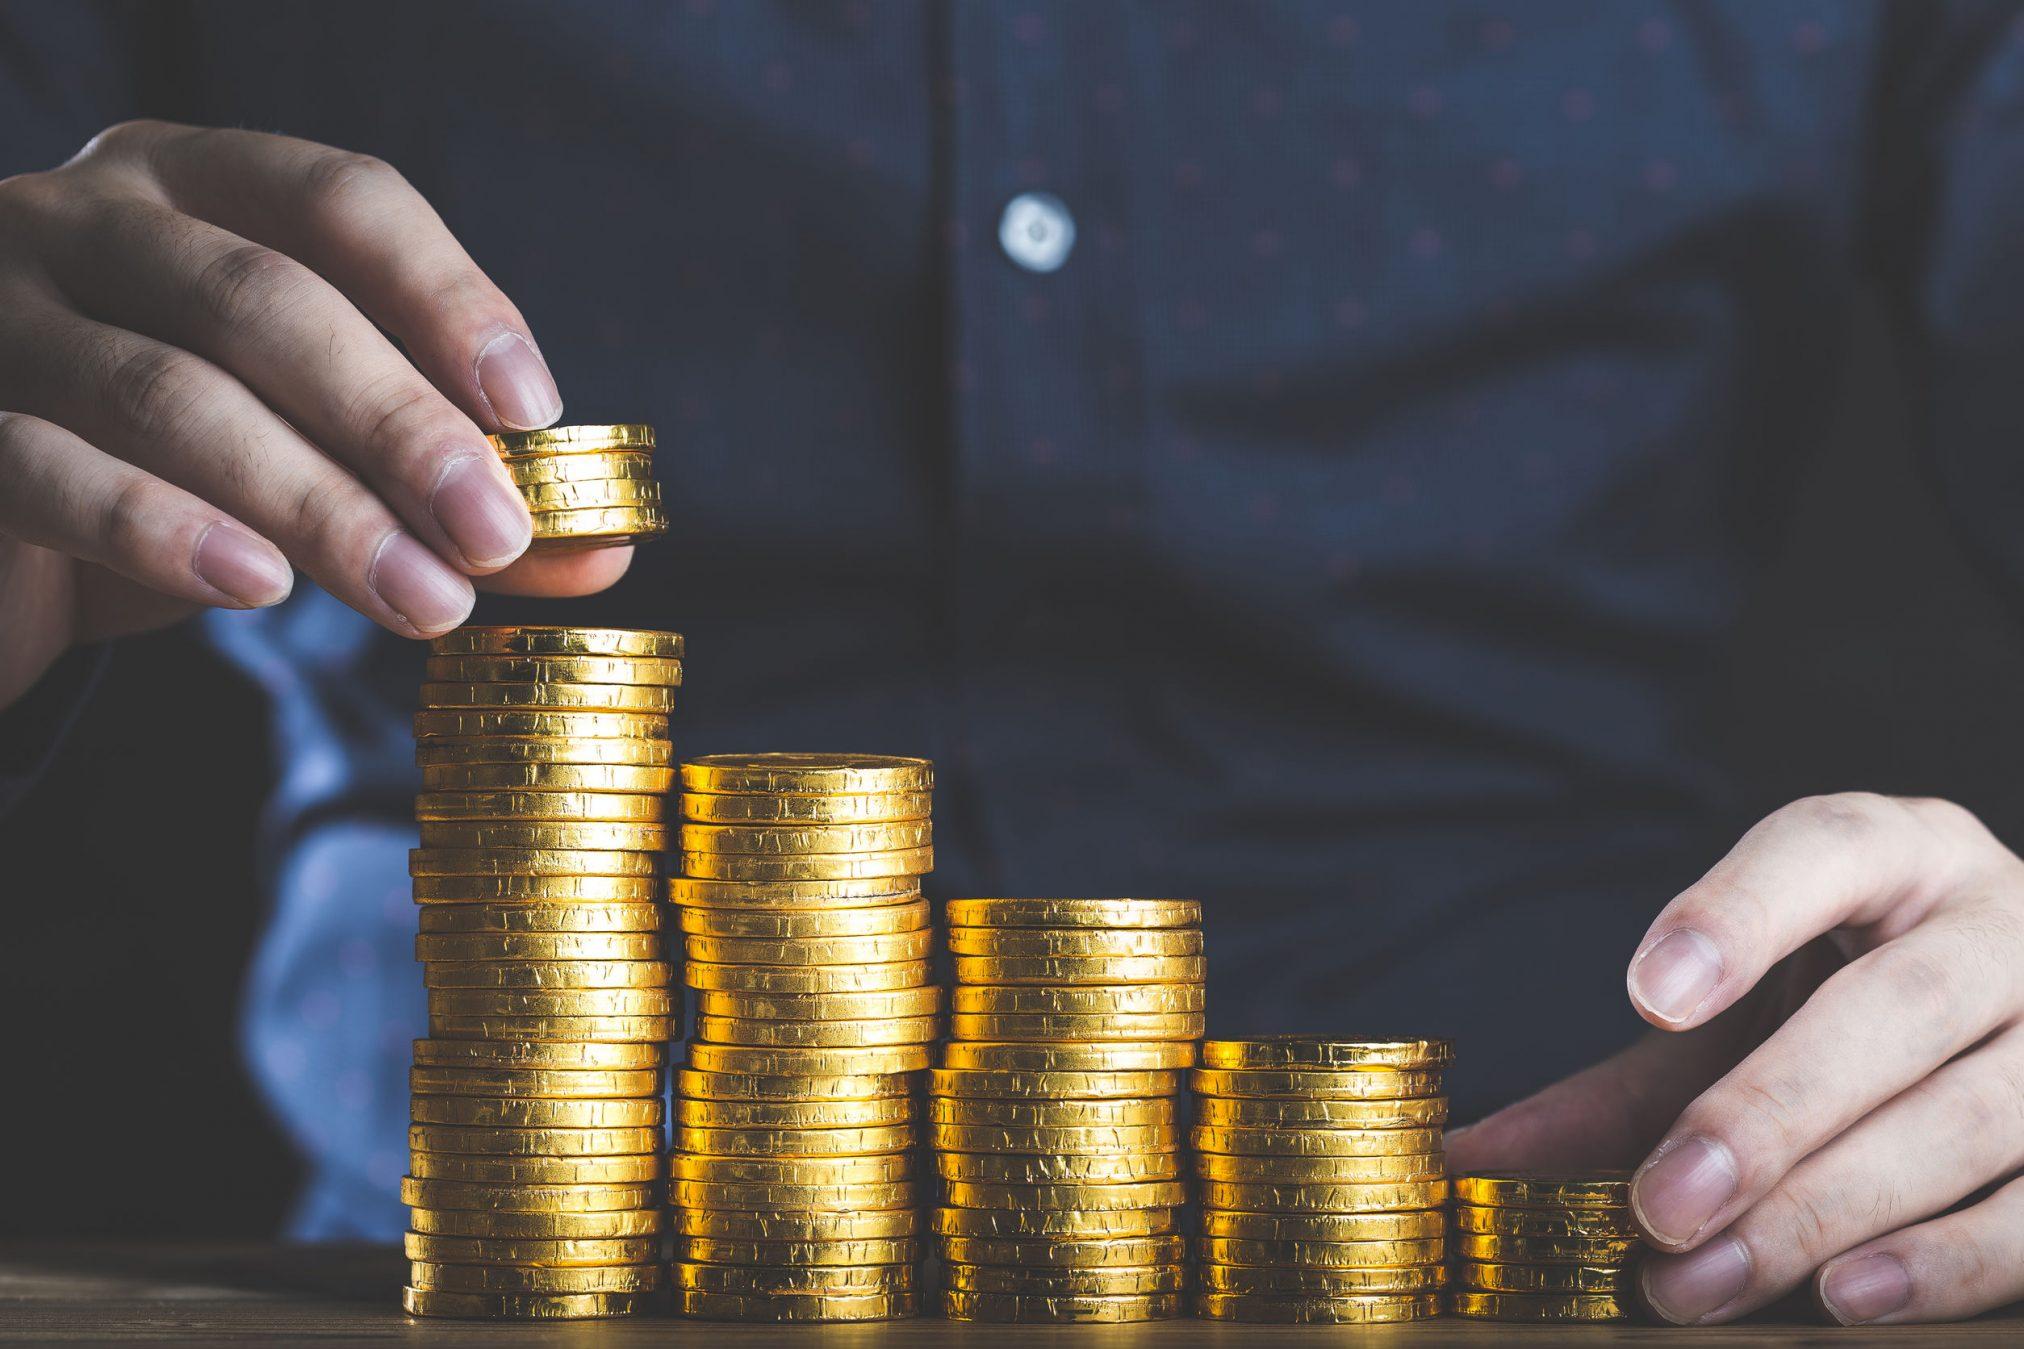 Инвестиции - что это простым языком, виды, плюсы и минусы